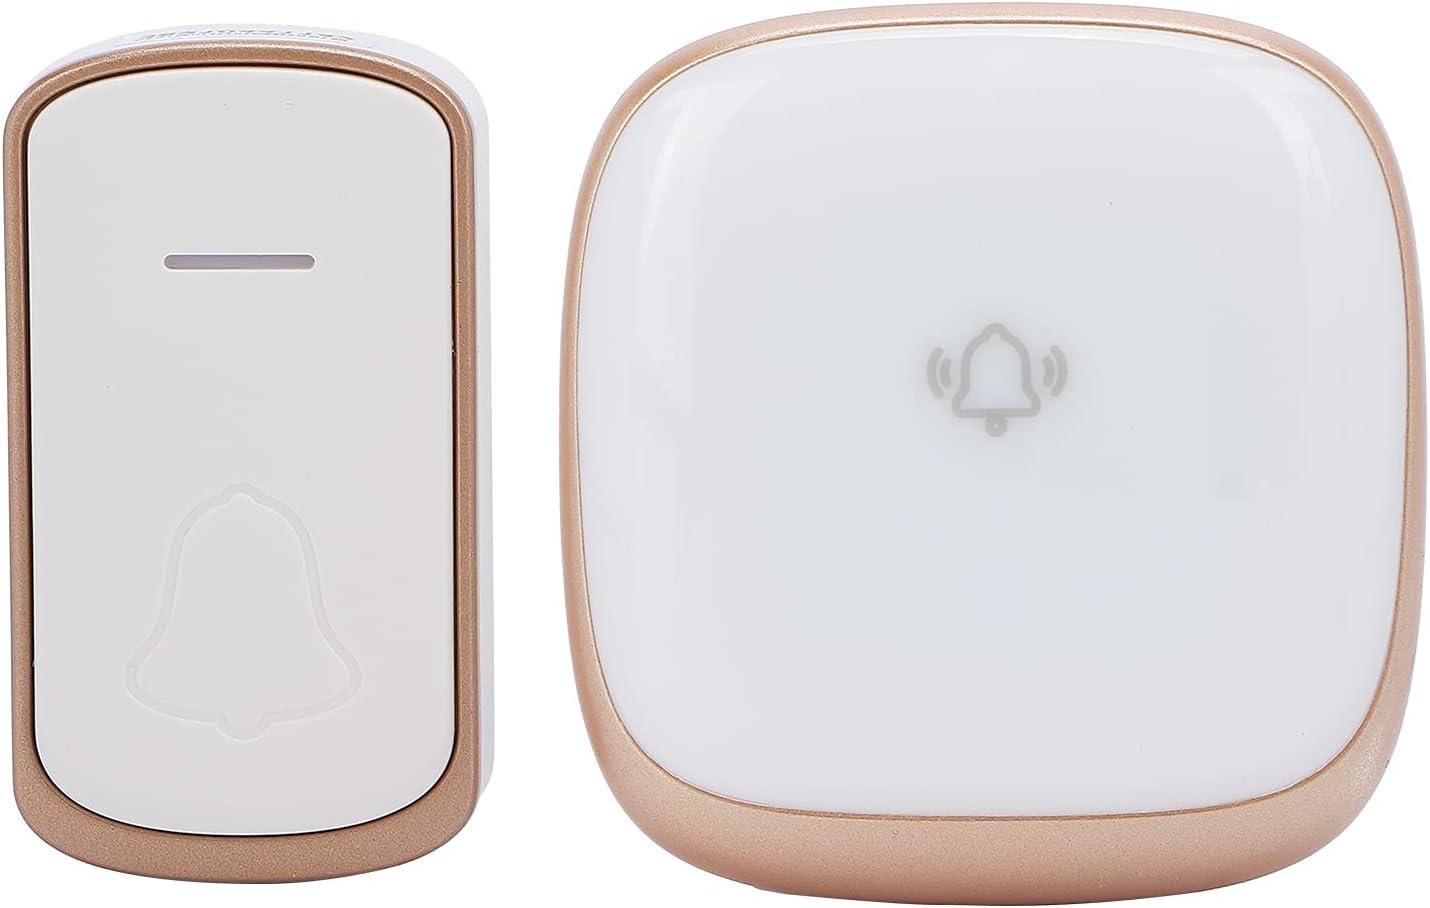 Wireless Doorbell Volume Mesa Mall Adjustable Be Sound Door Loud Super special price